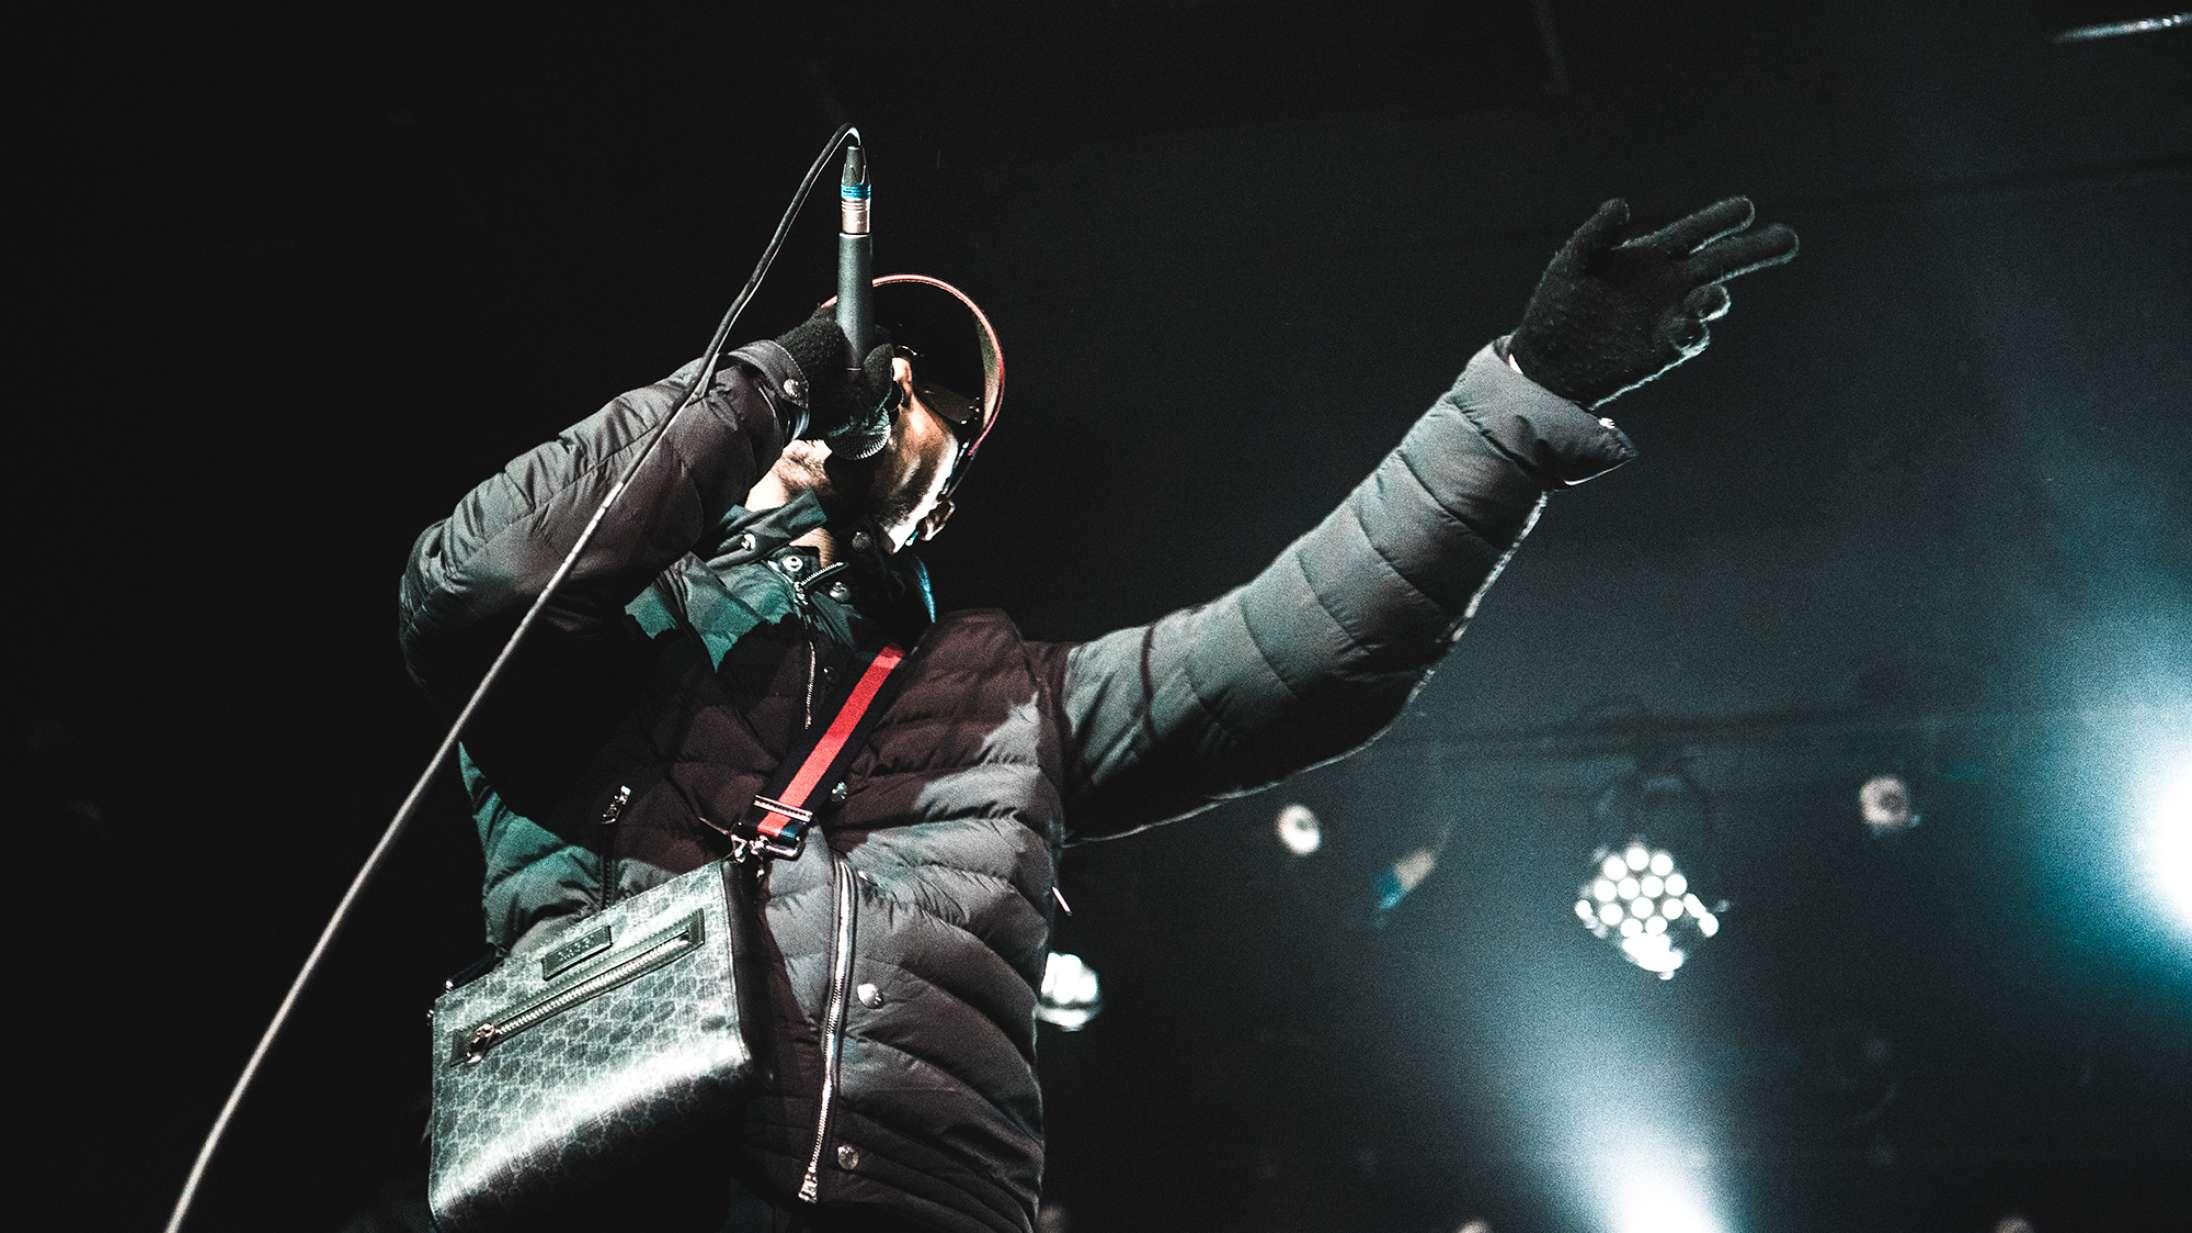 'Bandeland'-journalister om dansk hiphops mørke side: »Bandemiljøet er nådesløst«